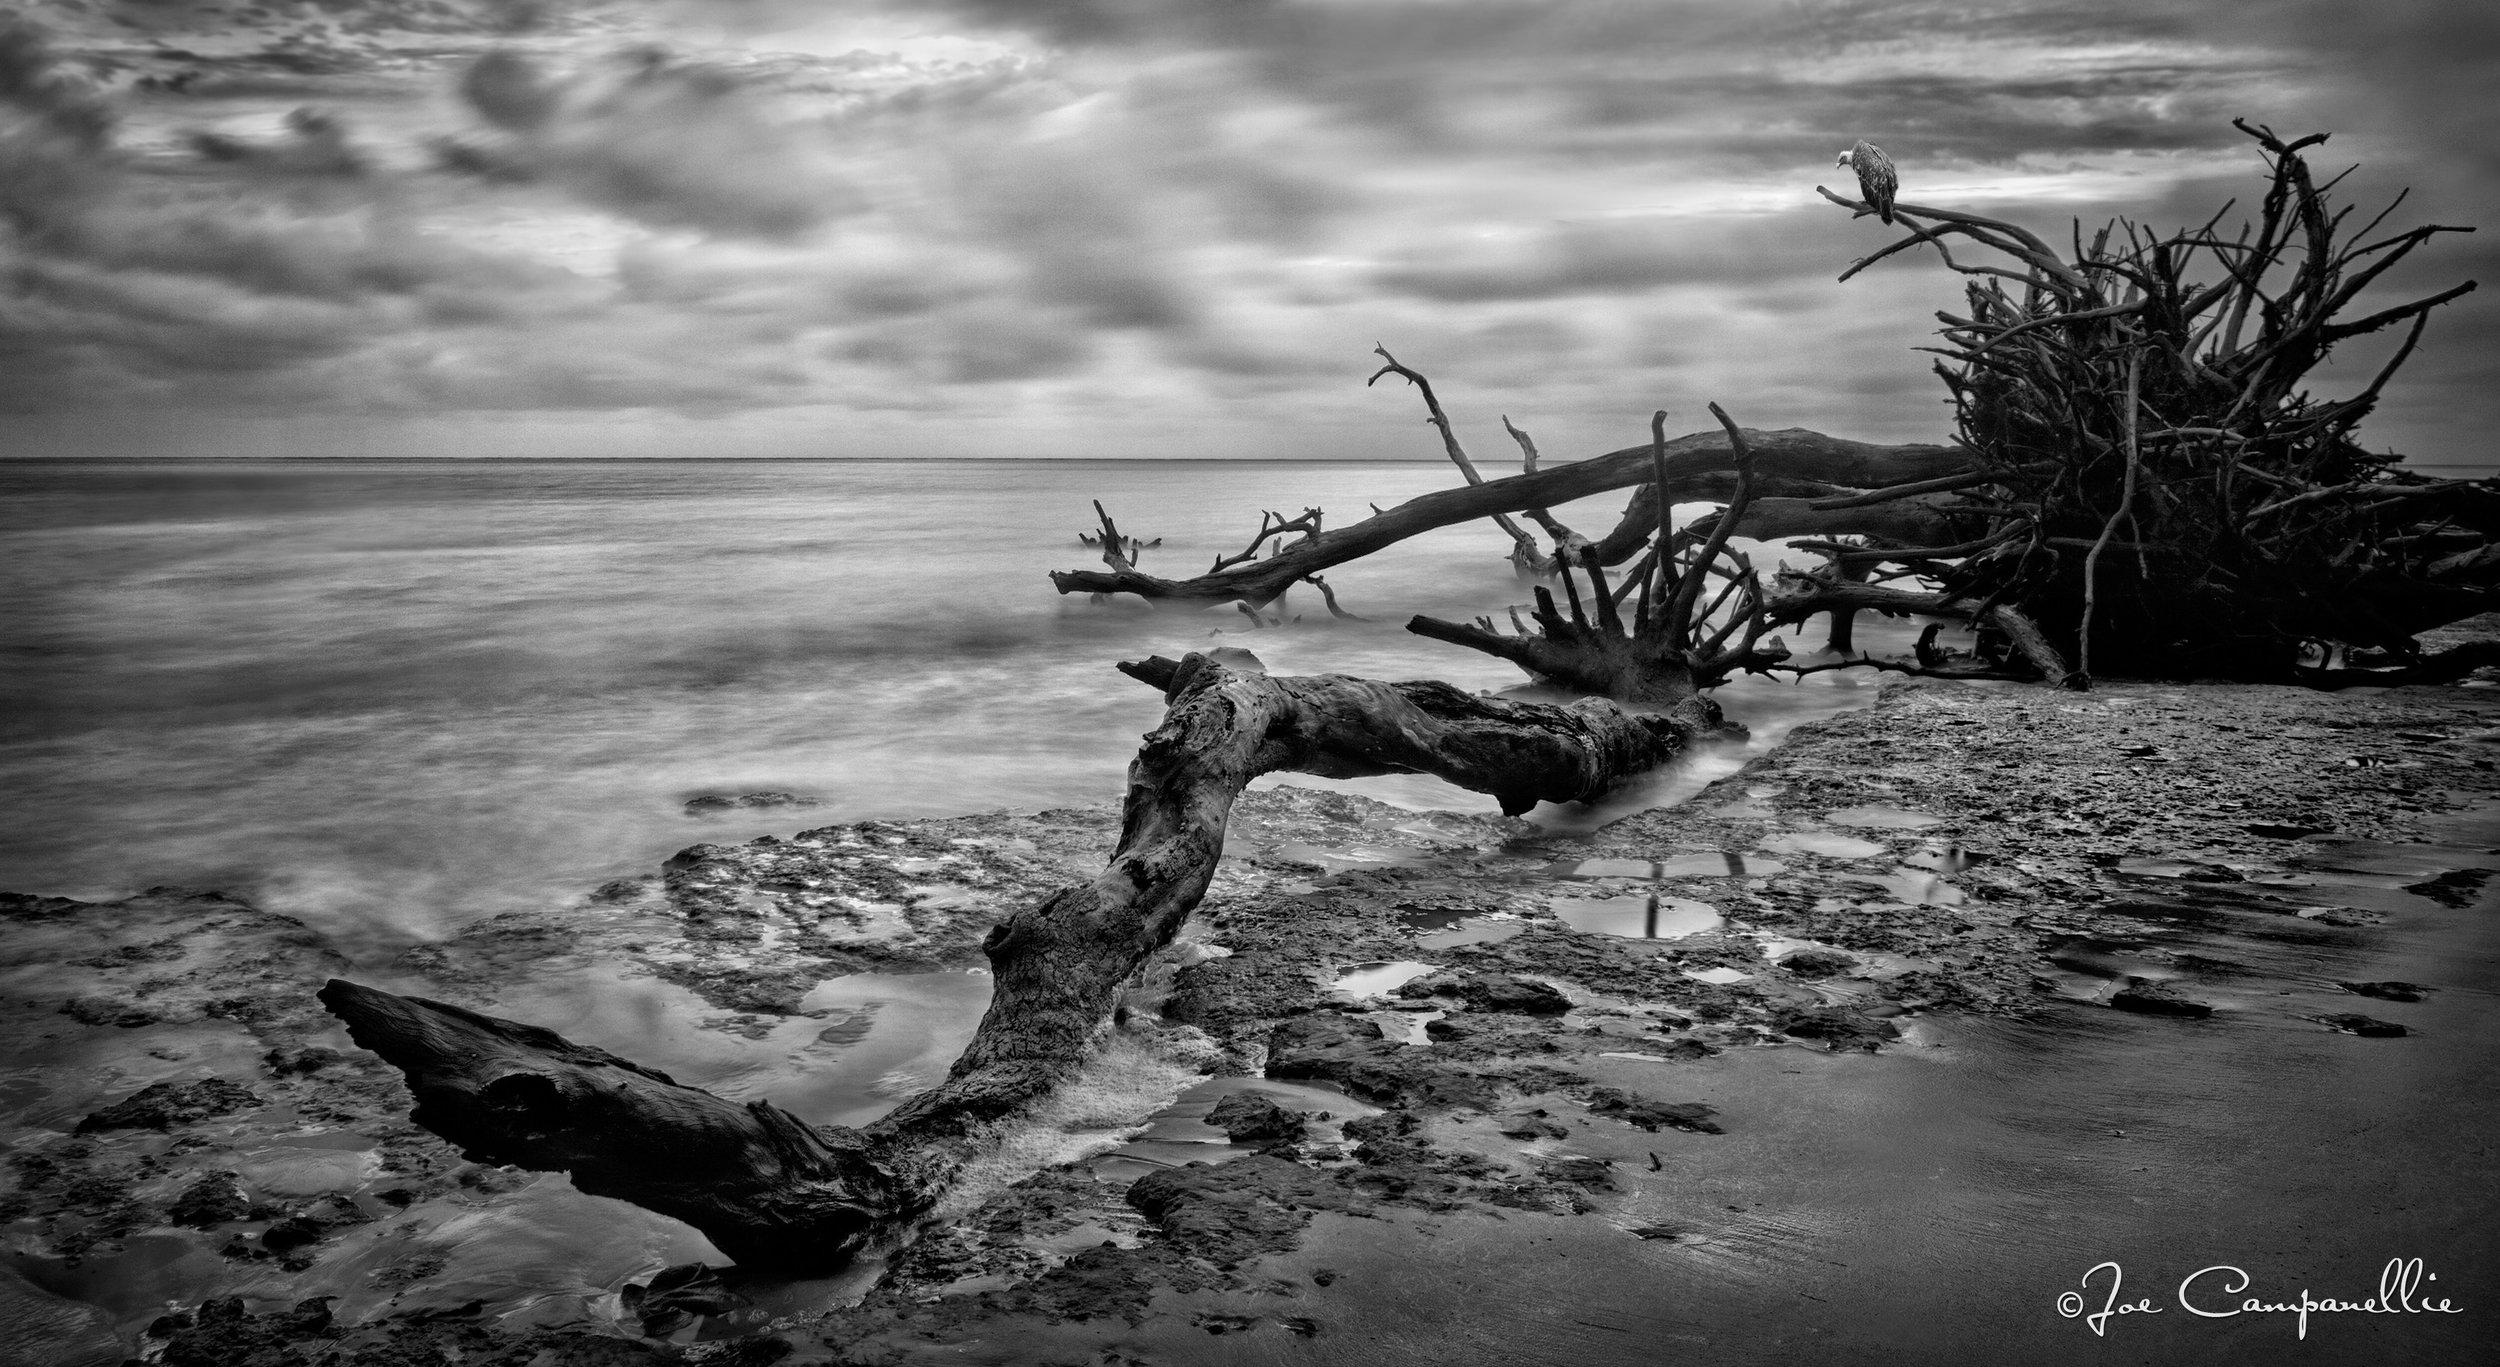 Boneyard Beach © Joe Campanellie